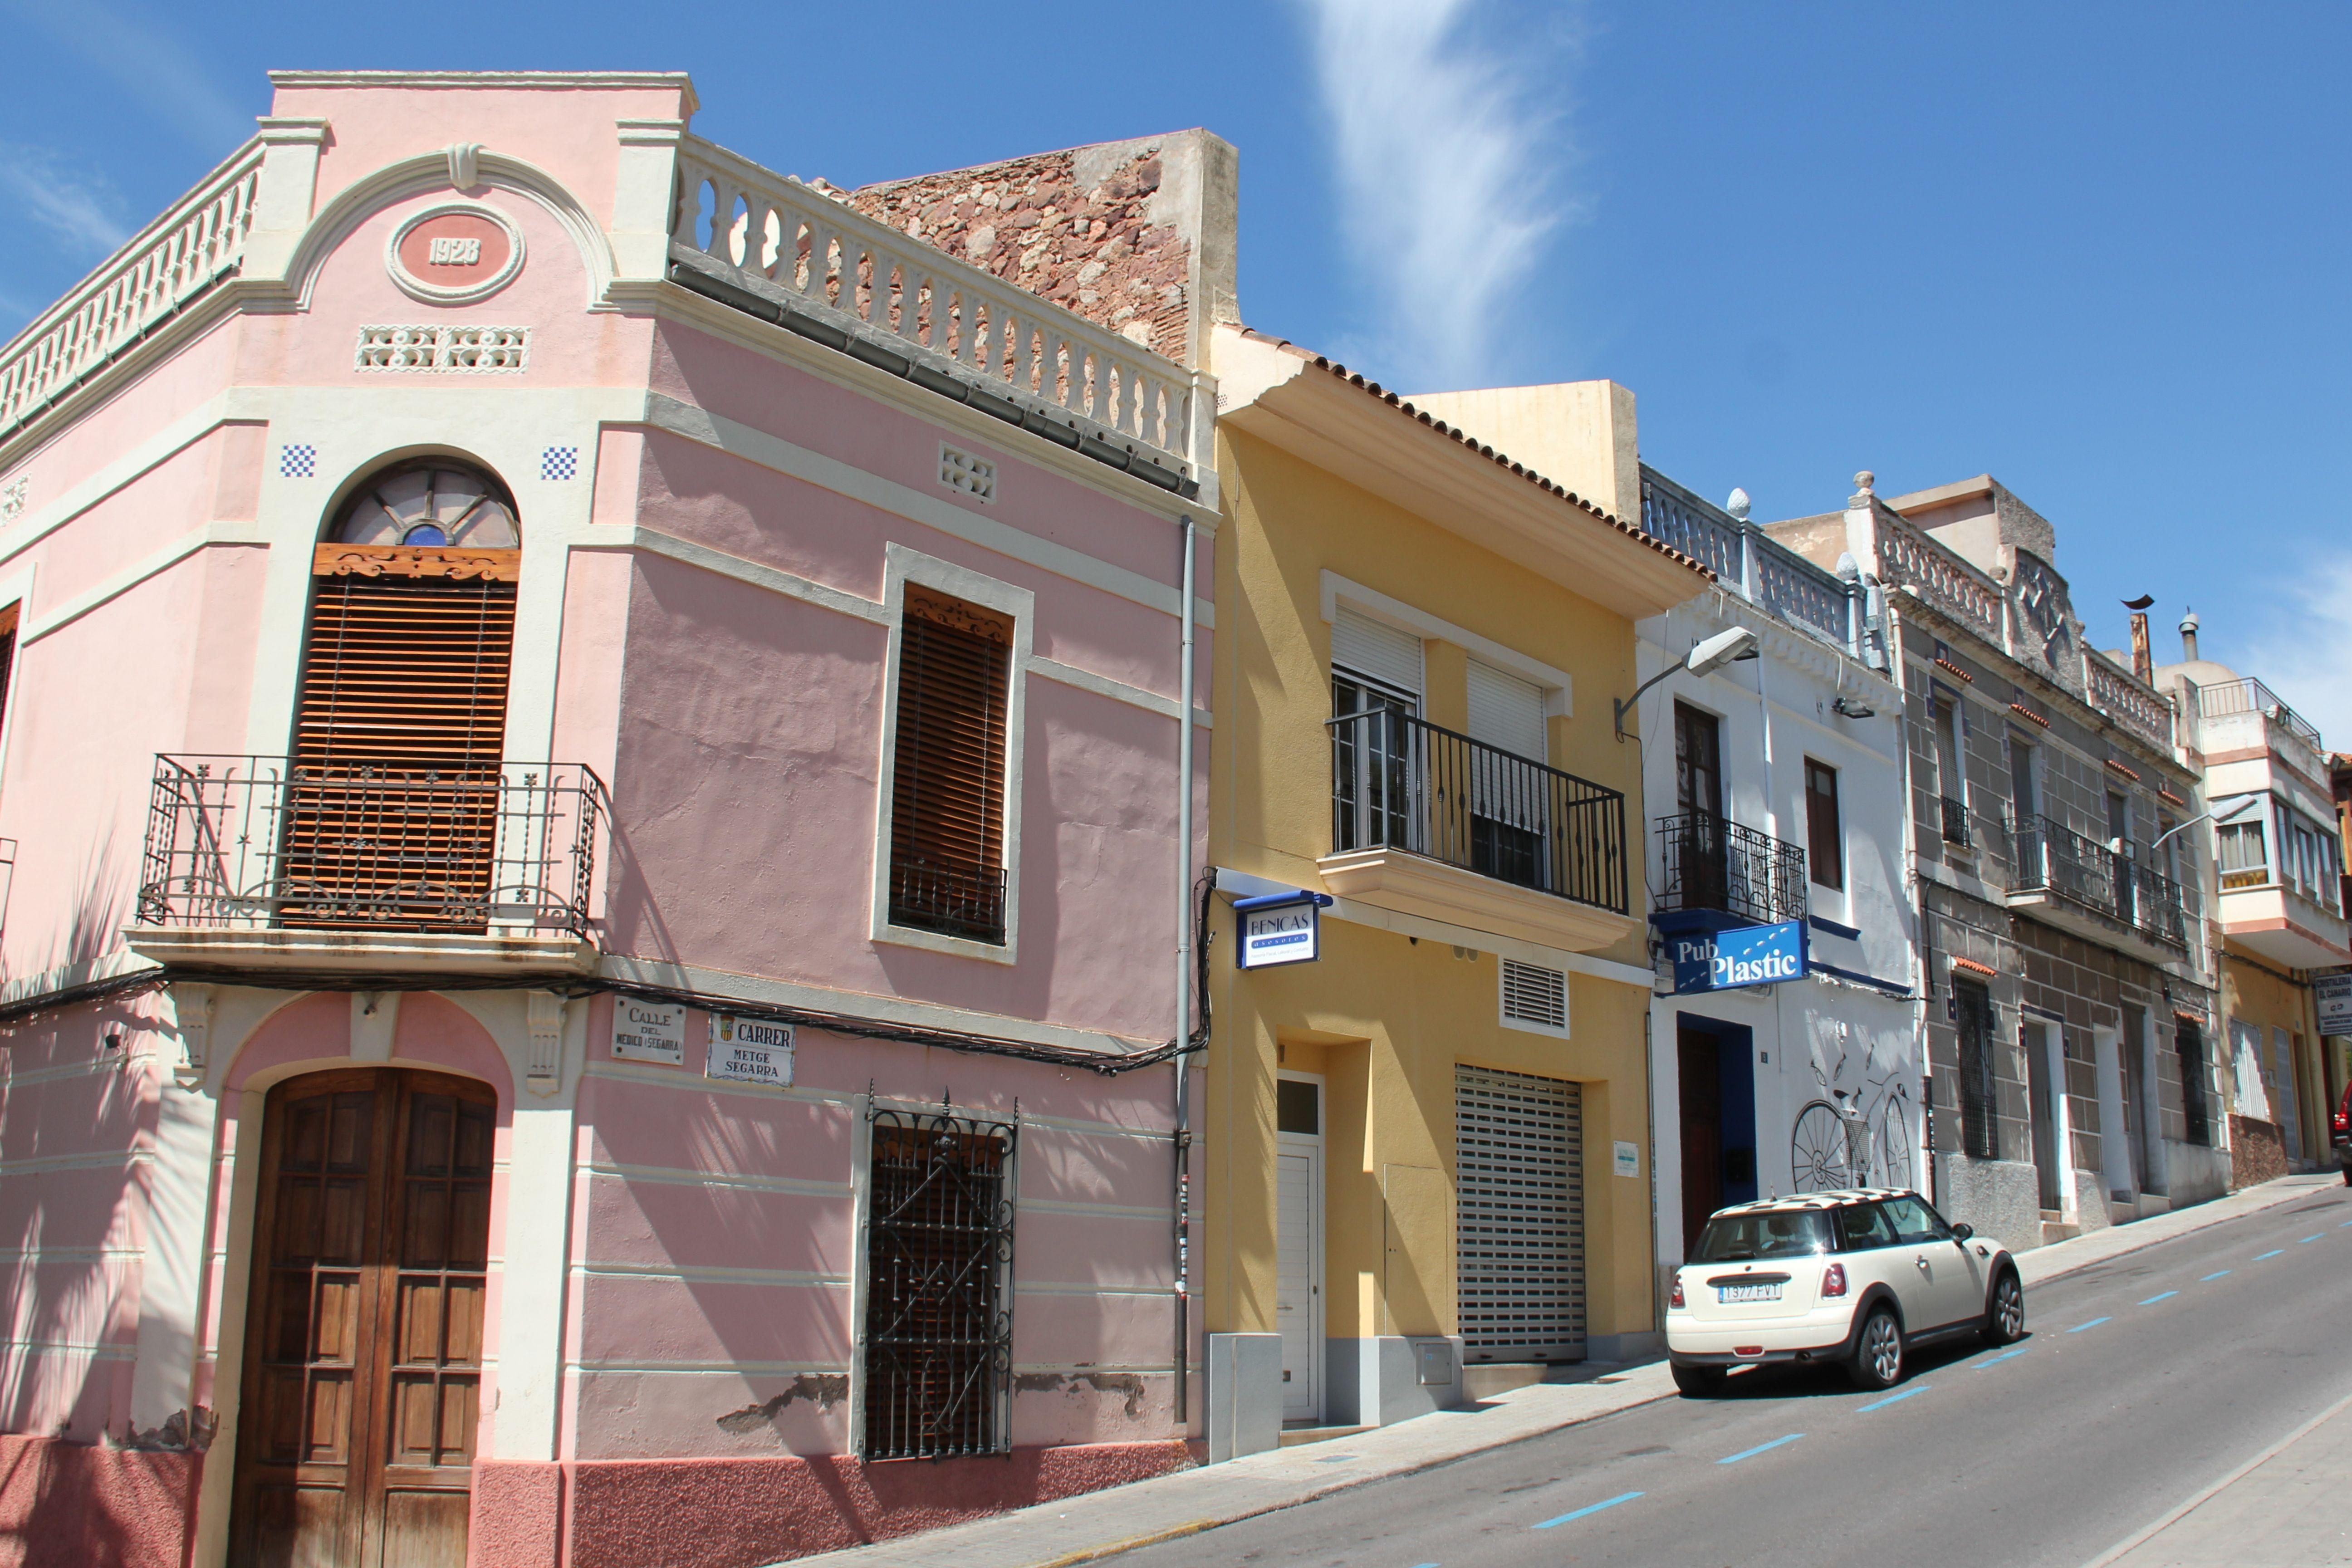 Casas en el centro histórico de Benicàssim